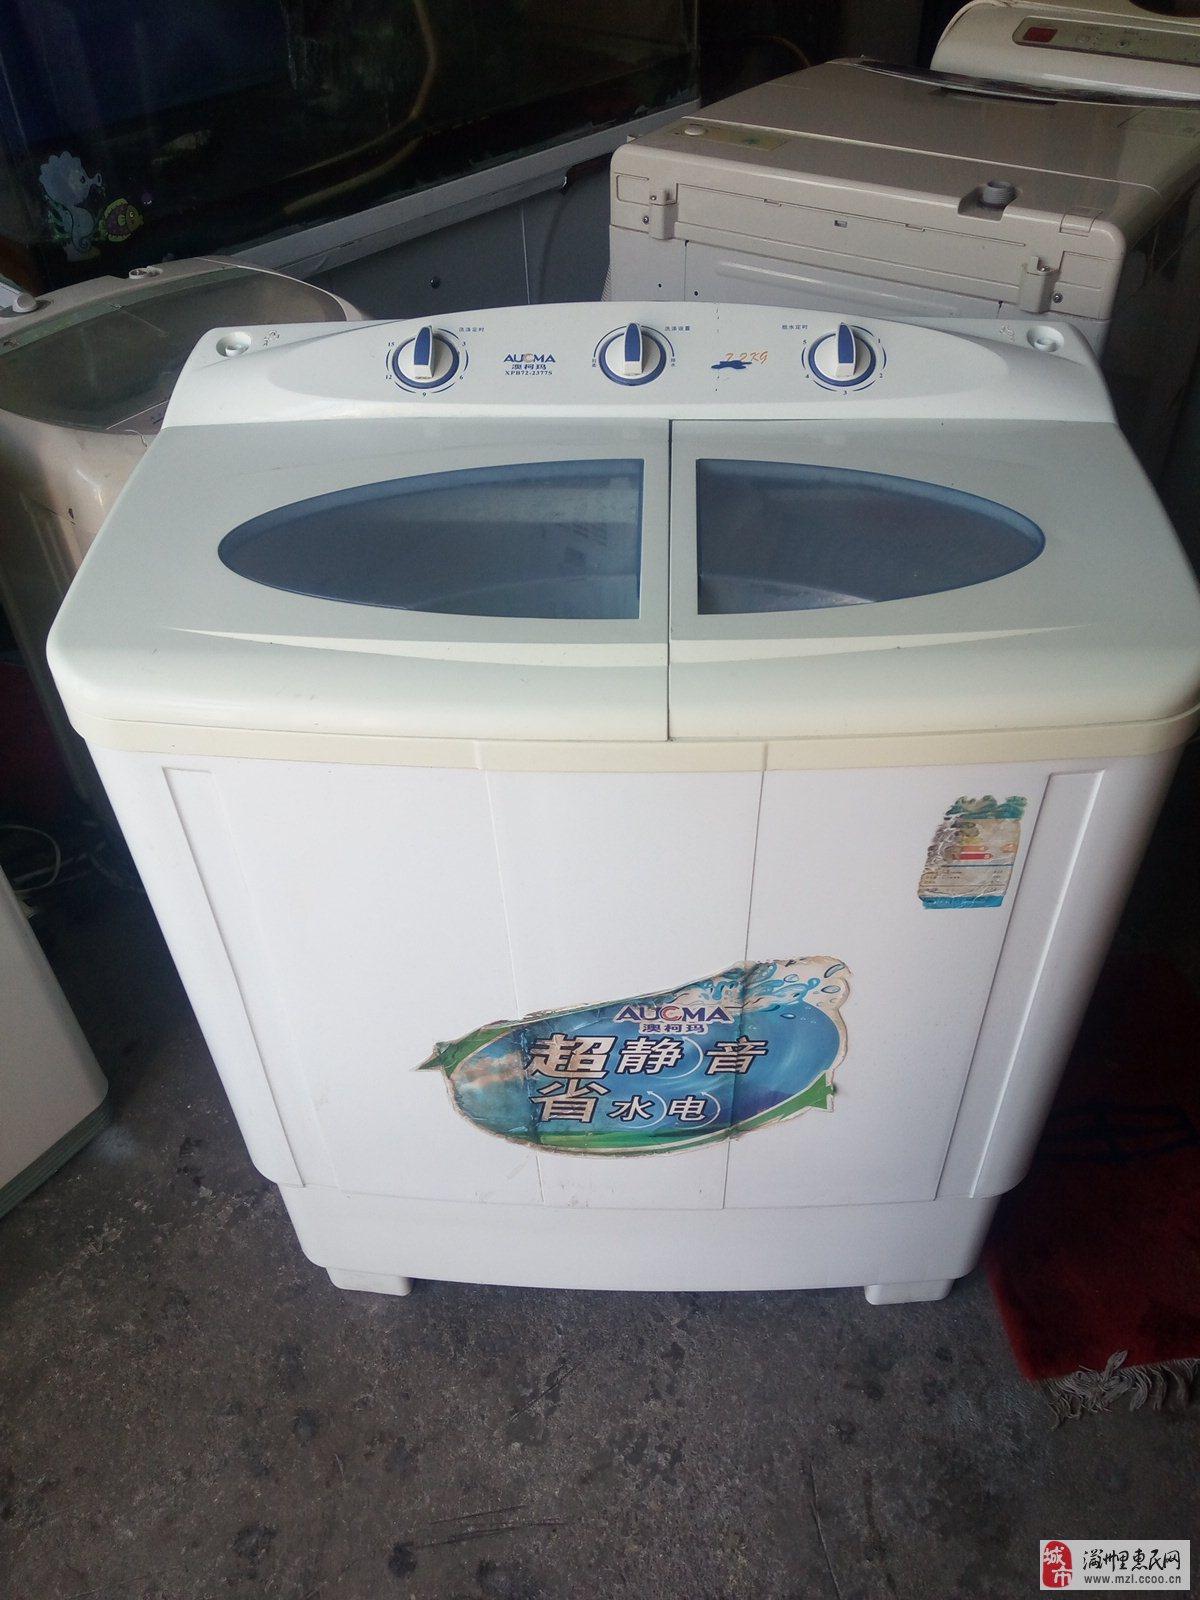 出售二手澳柯玛双桶洗衣机